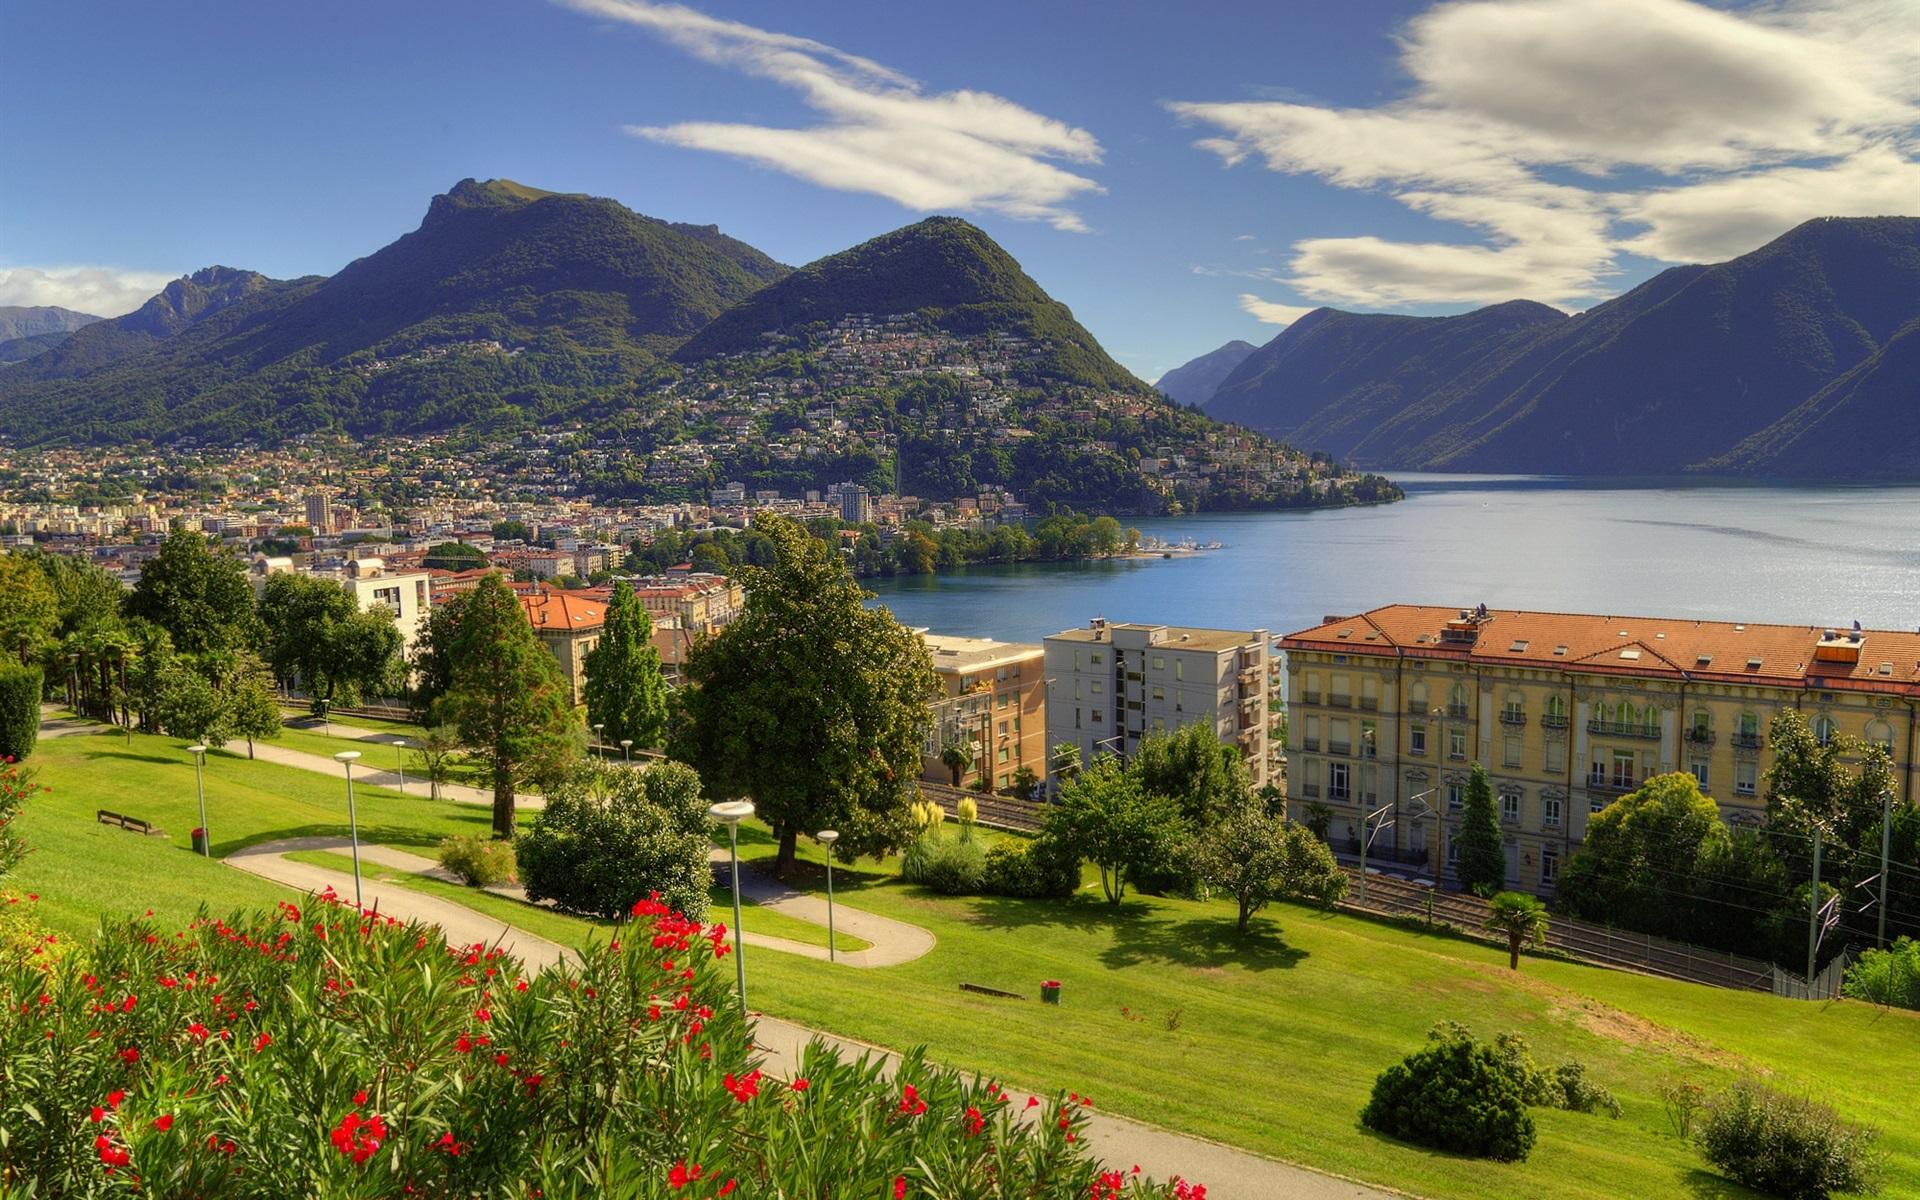 Город и озеро в Швейцарии сканворд фото